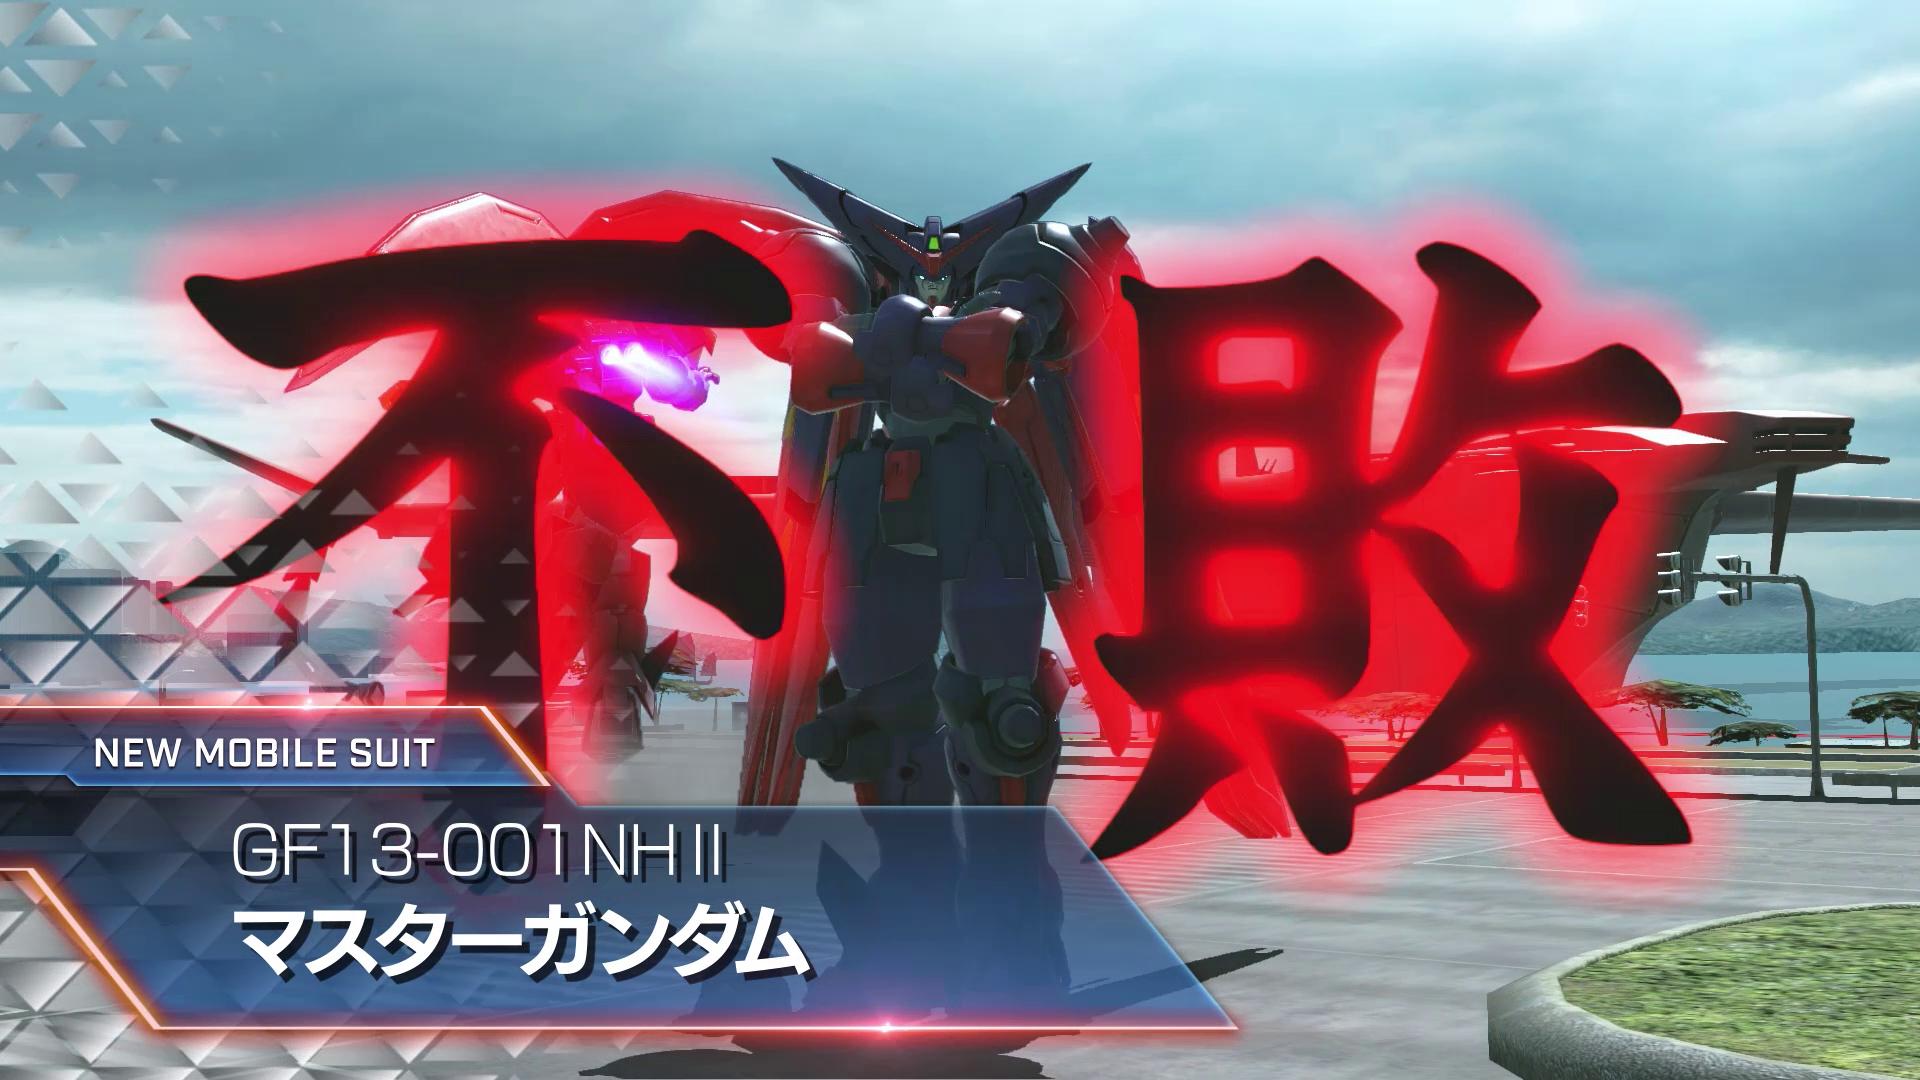 画像集 013 Gundam Versus ゴッドガンダム マスターガンダム ビルドストライクガンダムの機体紹介動画を公開